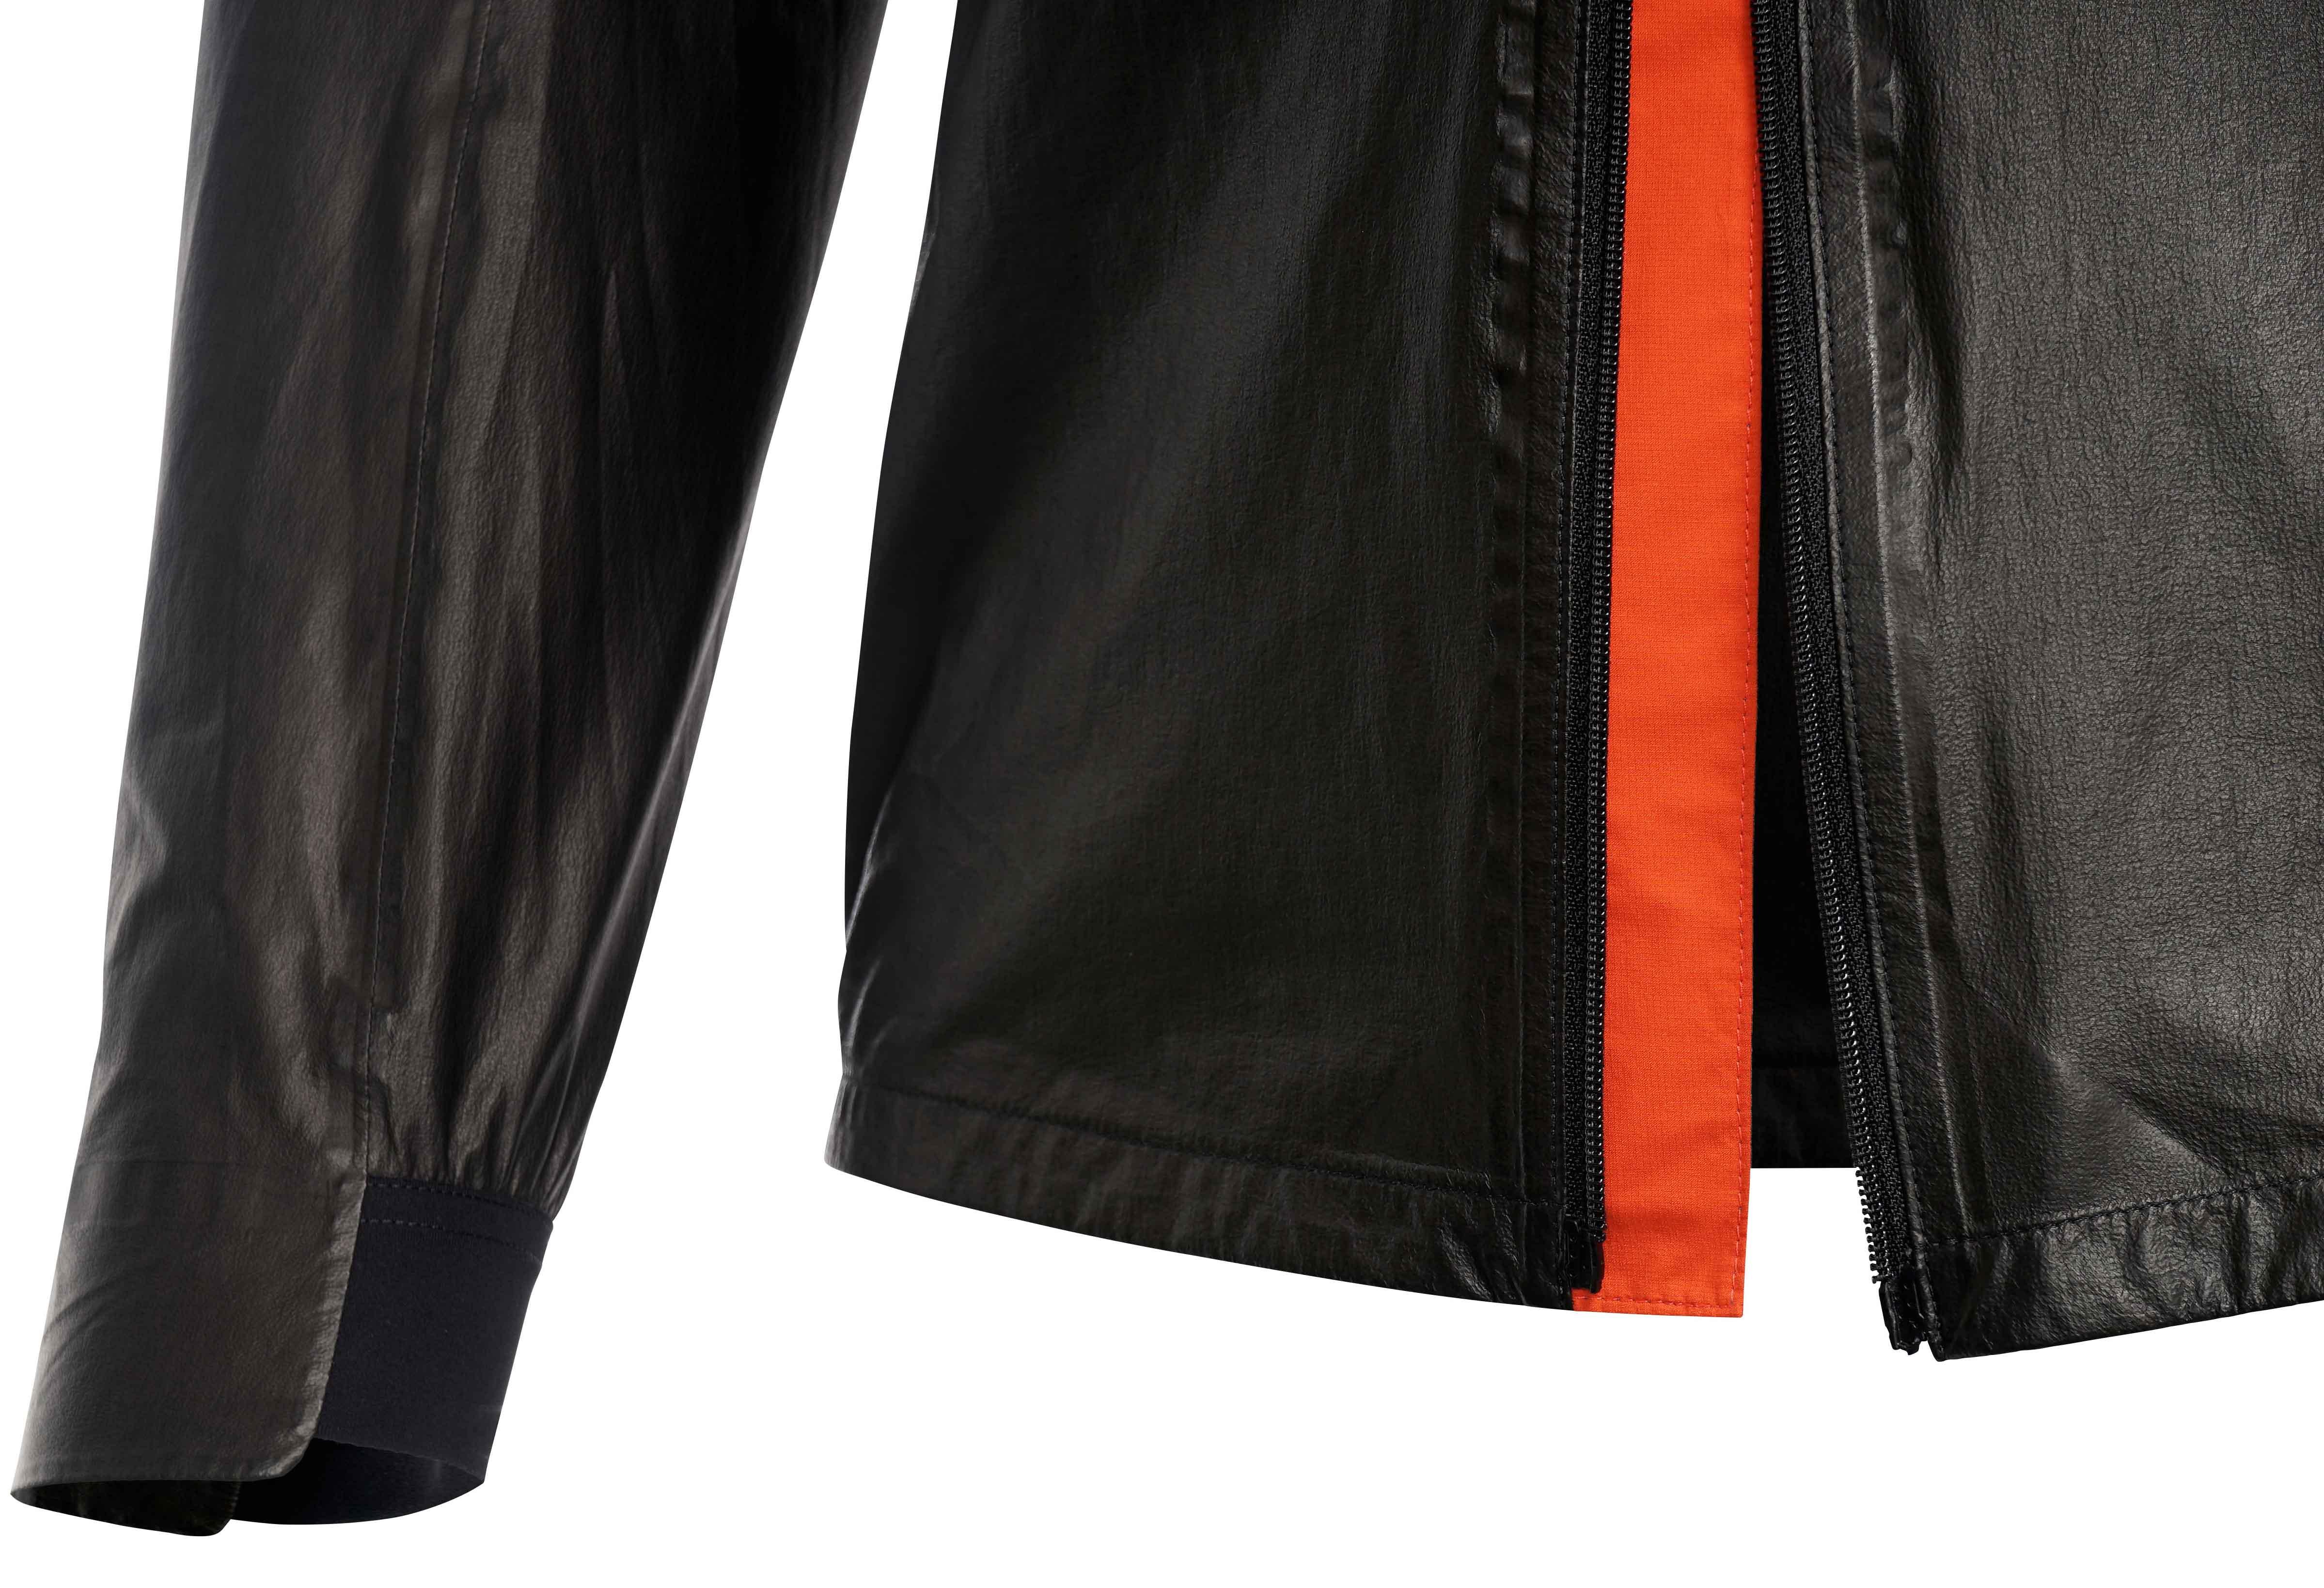 Ergonomisch und komfortabel geschnitten; reflektierende Details für höhere Sichtbarkeit; 2-Wege Reißverschluss